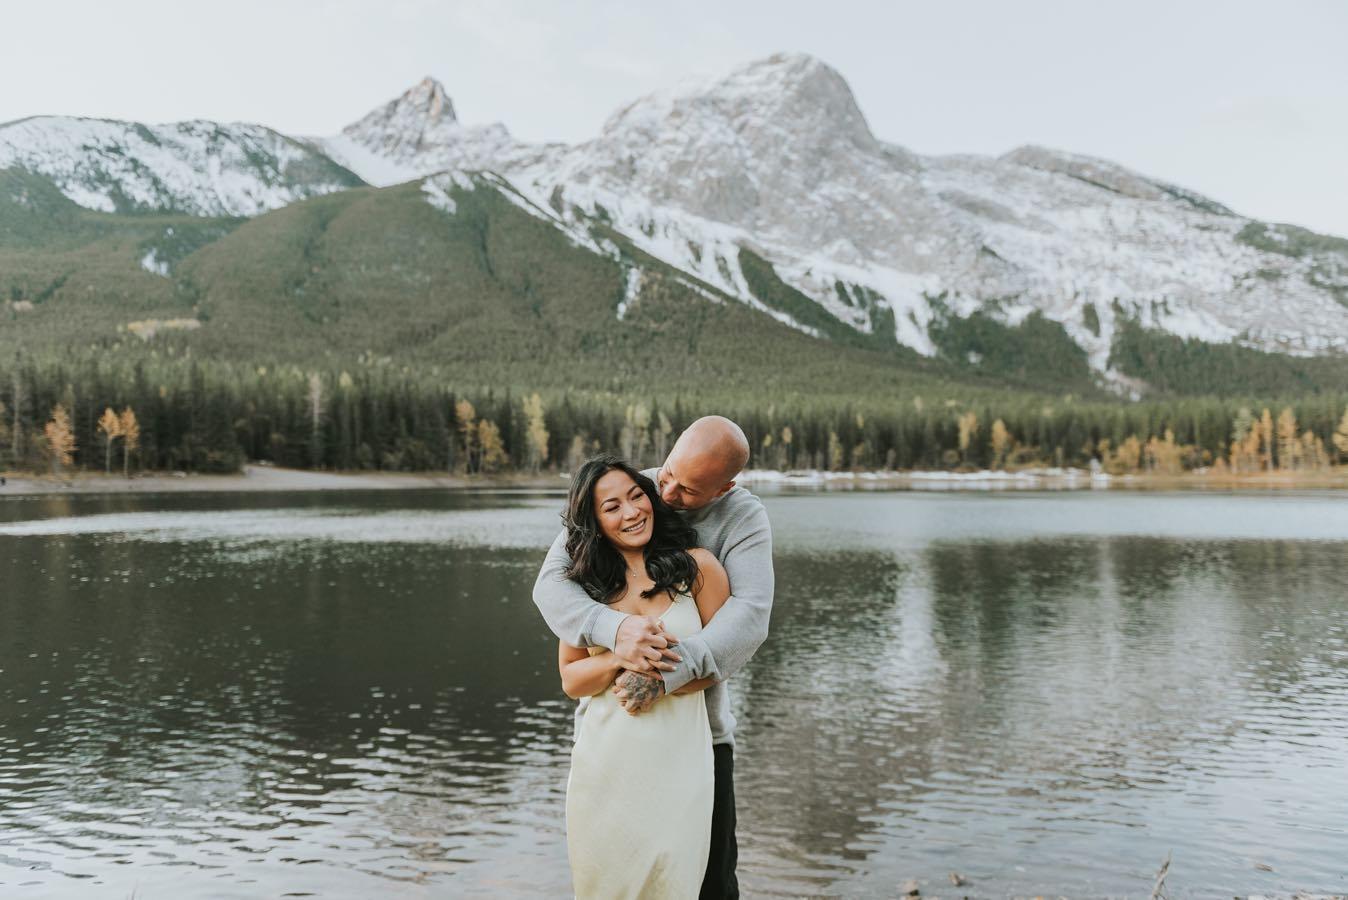 Sarazin Photography Wedding & Engagement Photography Cover Image